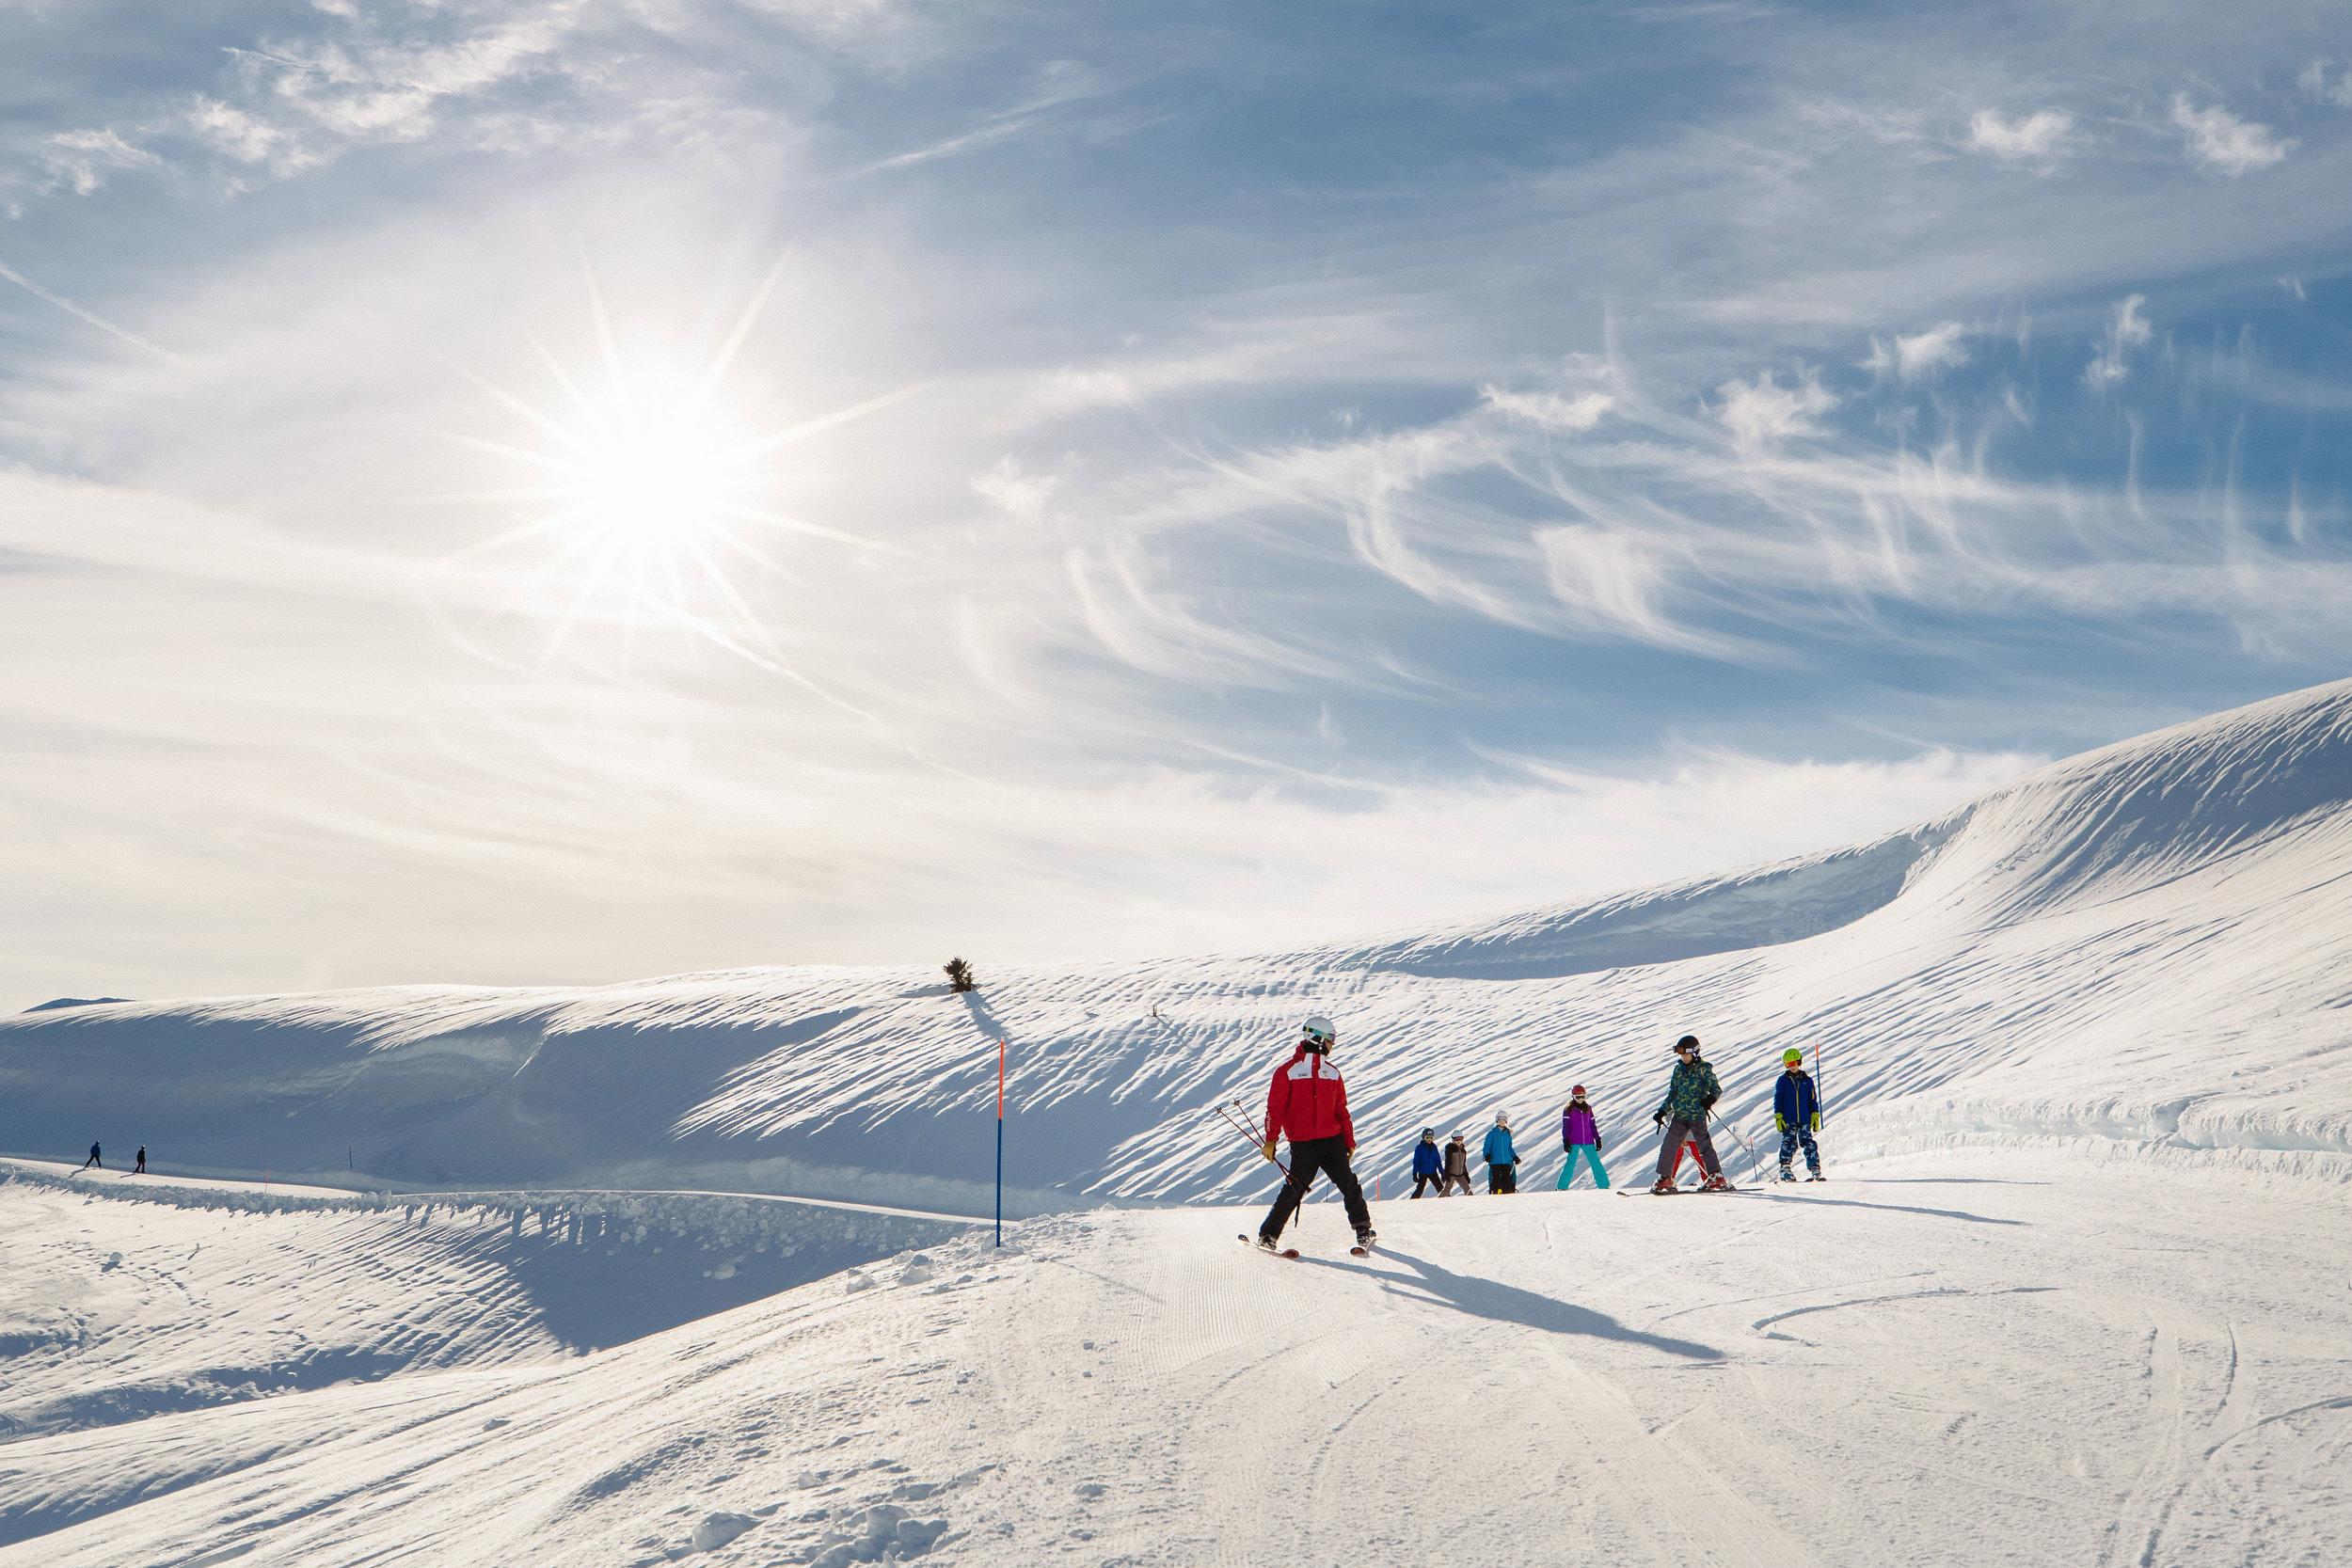 camp-suisse-ski-2500-13.jpg